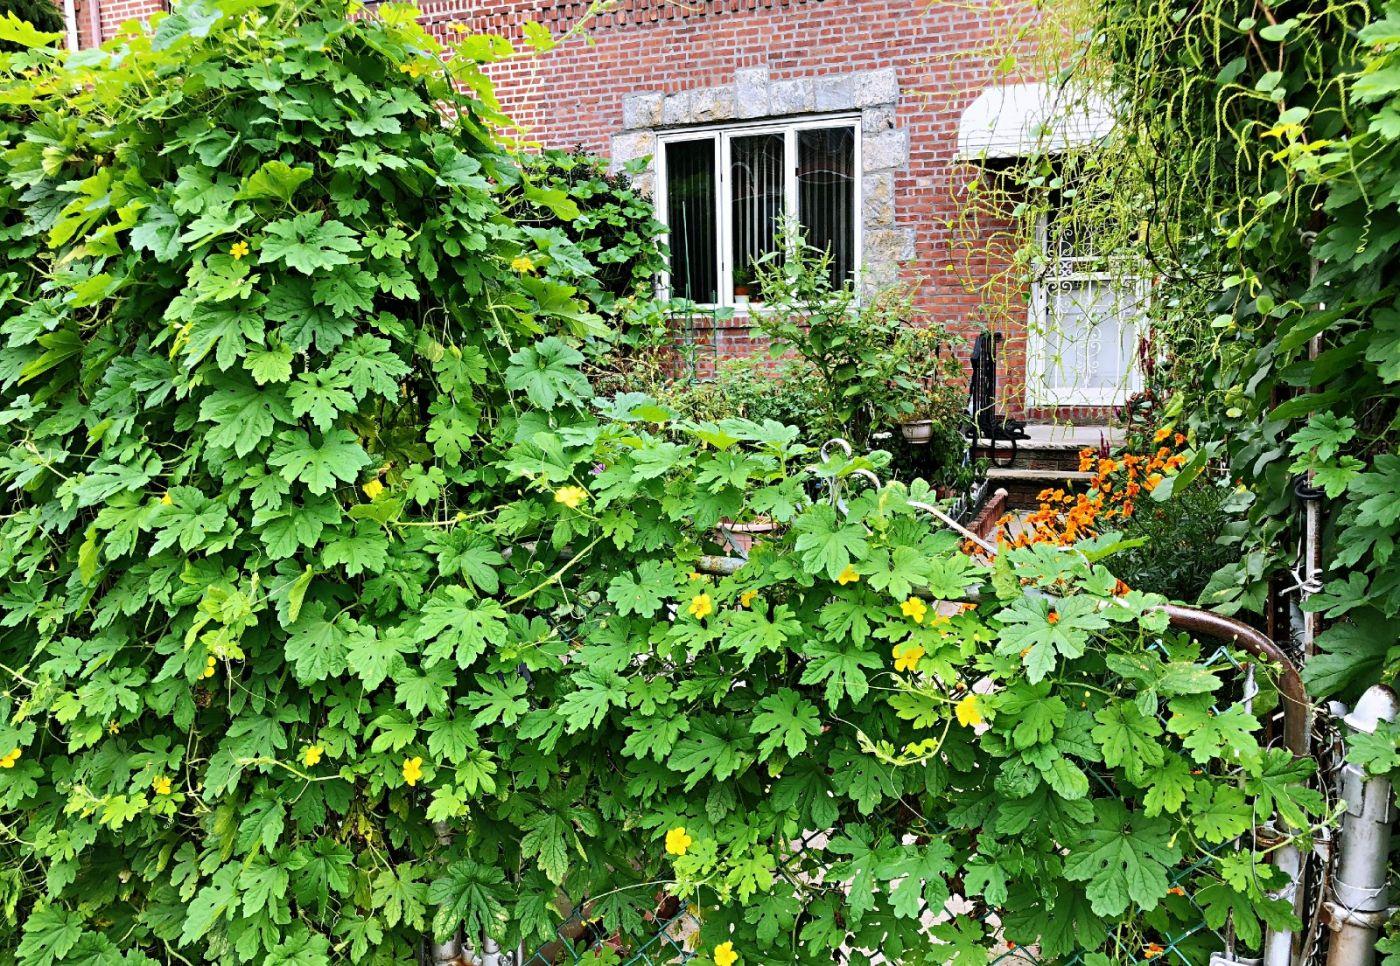 【田螺随拍】路边窗前的小菜园子_图1-30